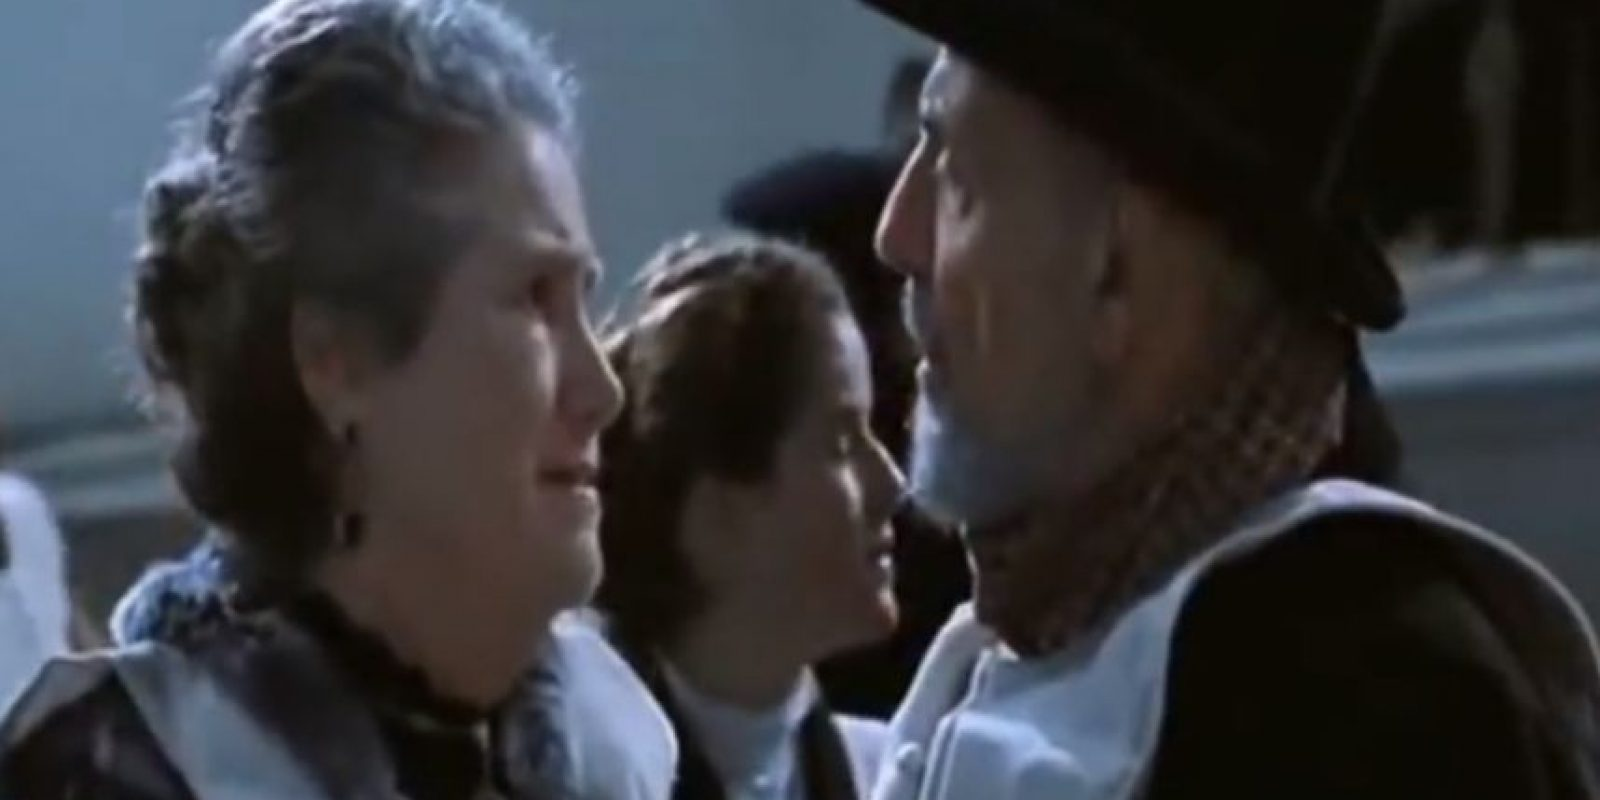 Él quiere que ella se vaya, pero esta es inflexible. Le dice que han sido esposos por 40 años y que no le discuta, ya que ella gana. Al final, mueren los dos. Foto:Fox